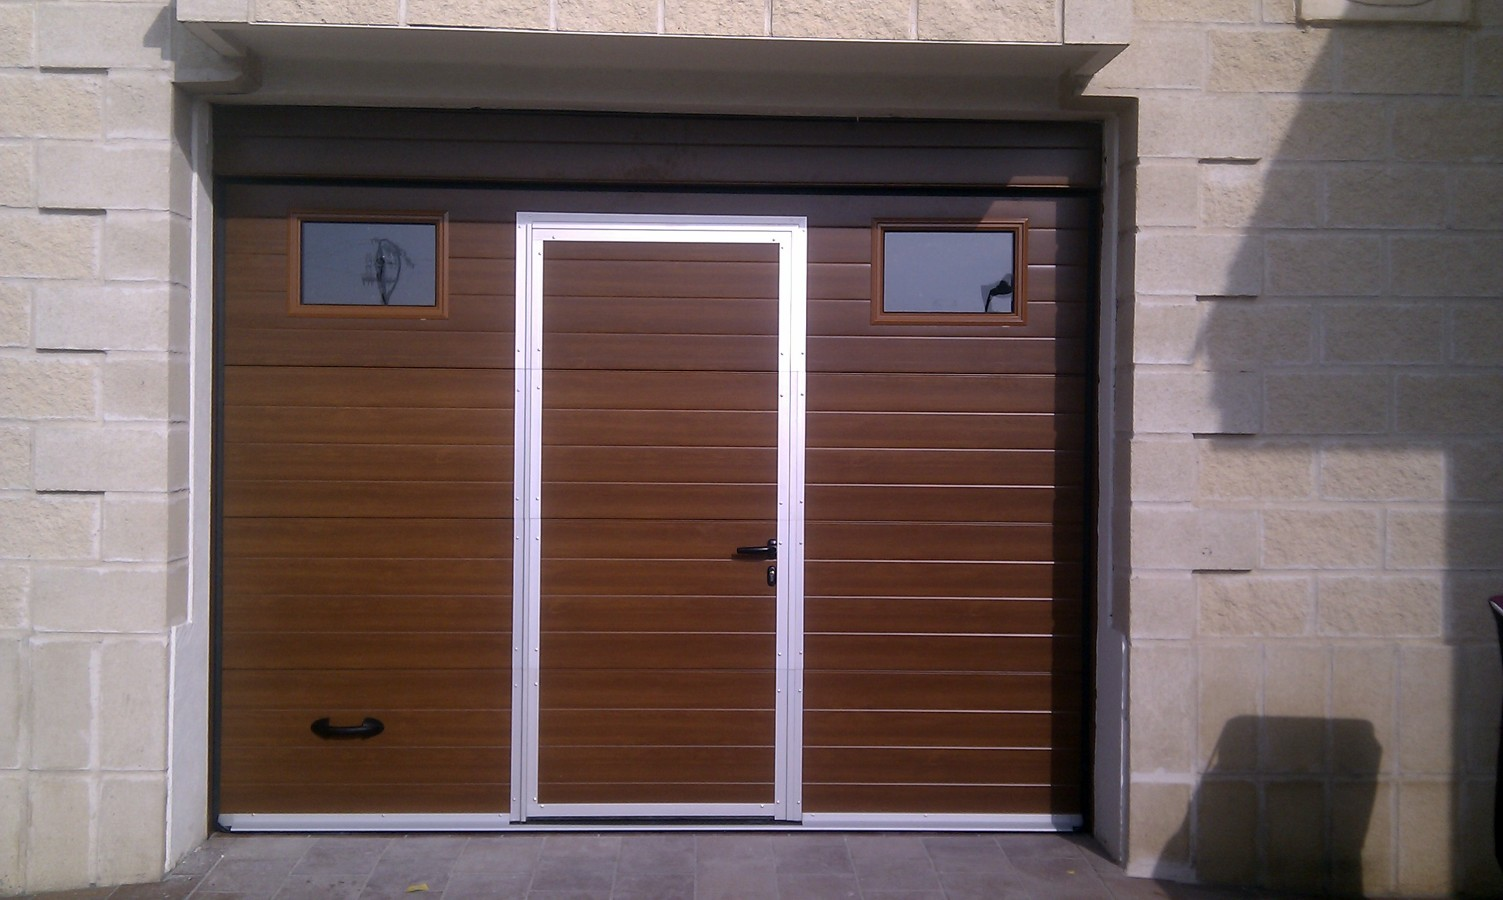 foto sustitucion de puerta enrollable de cochera por